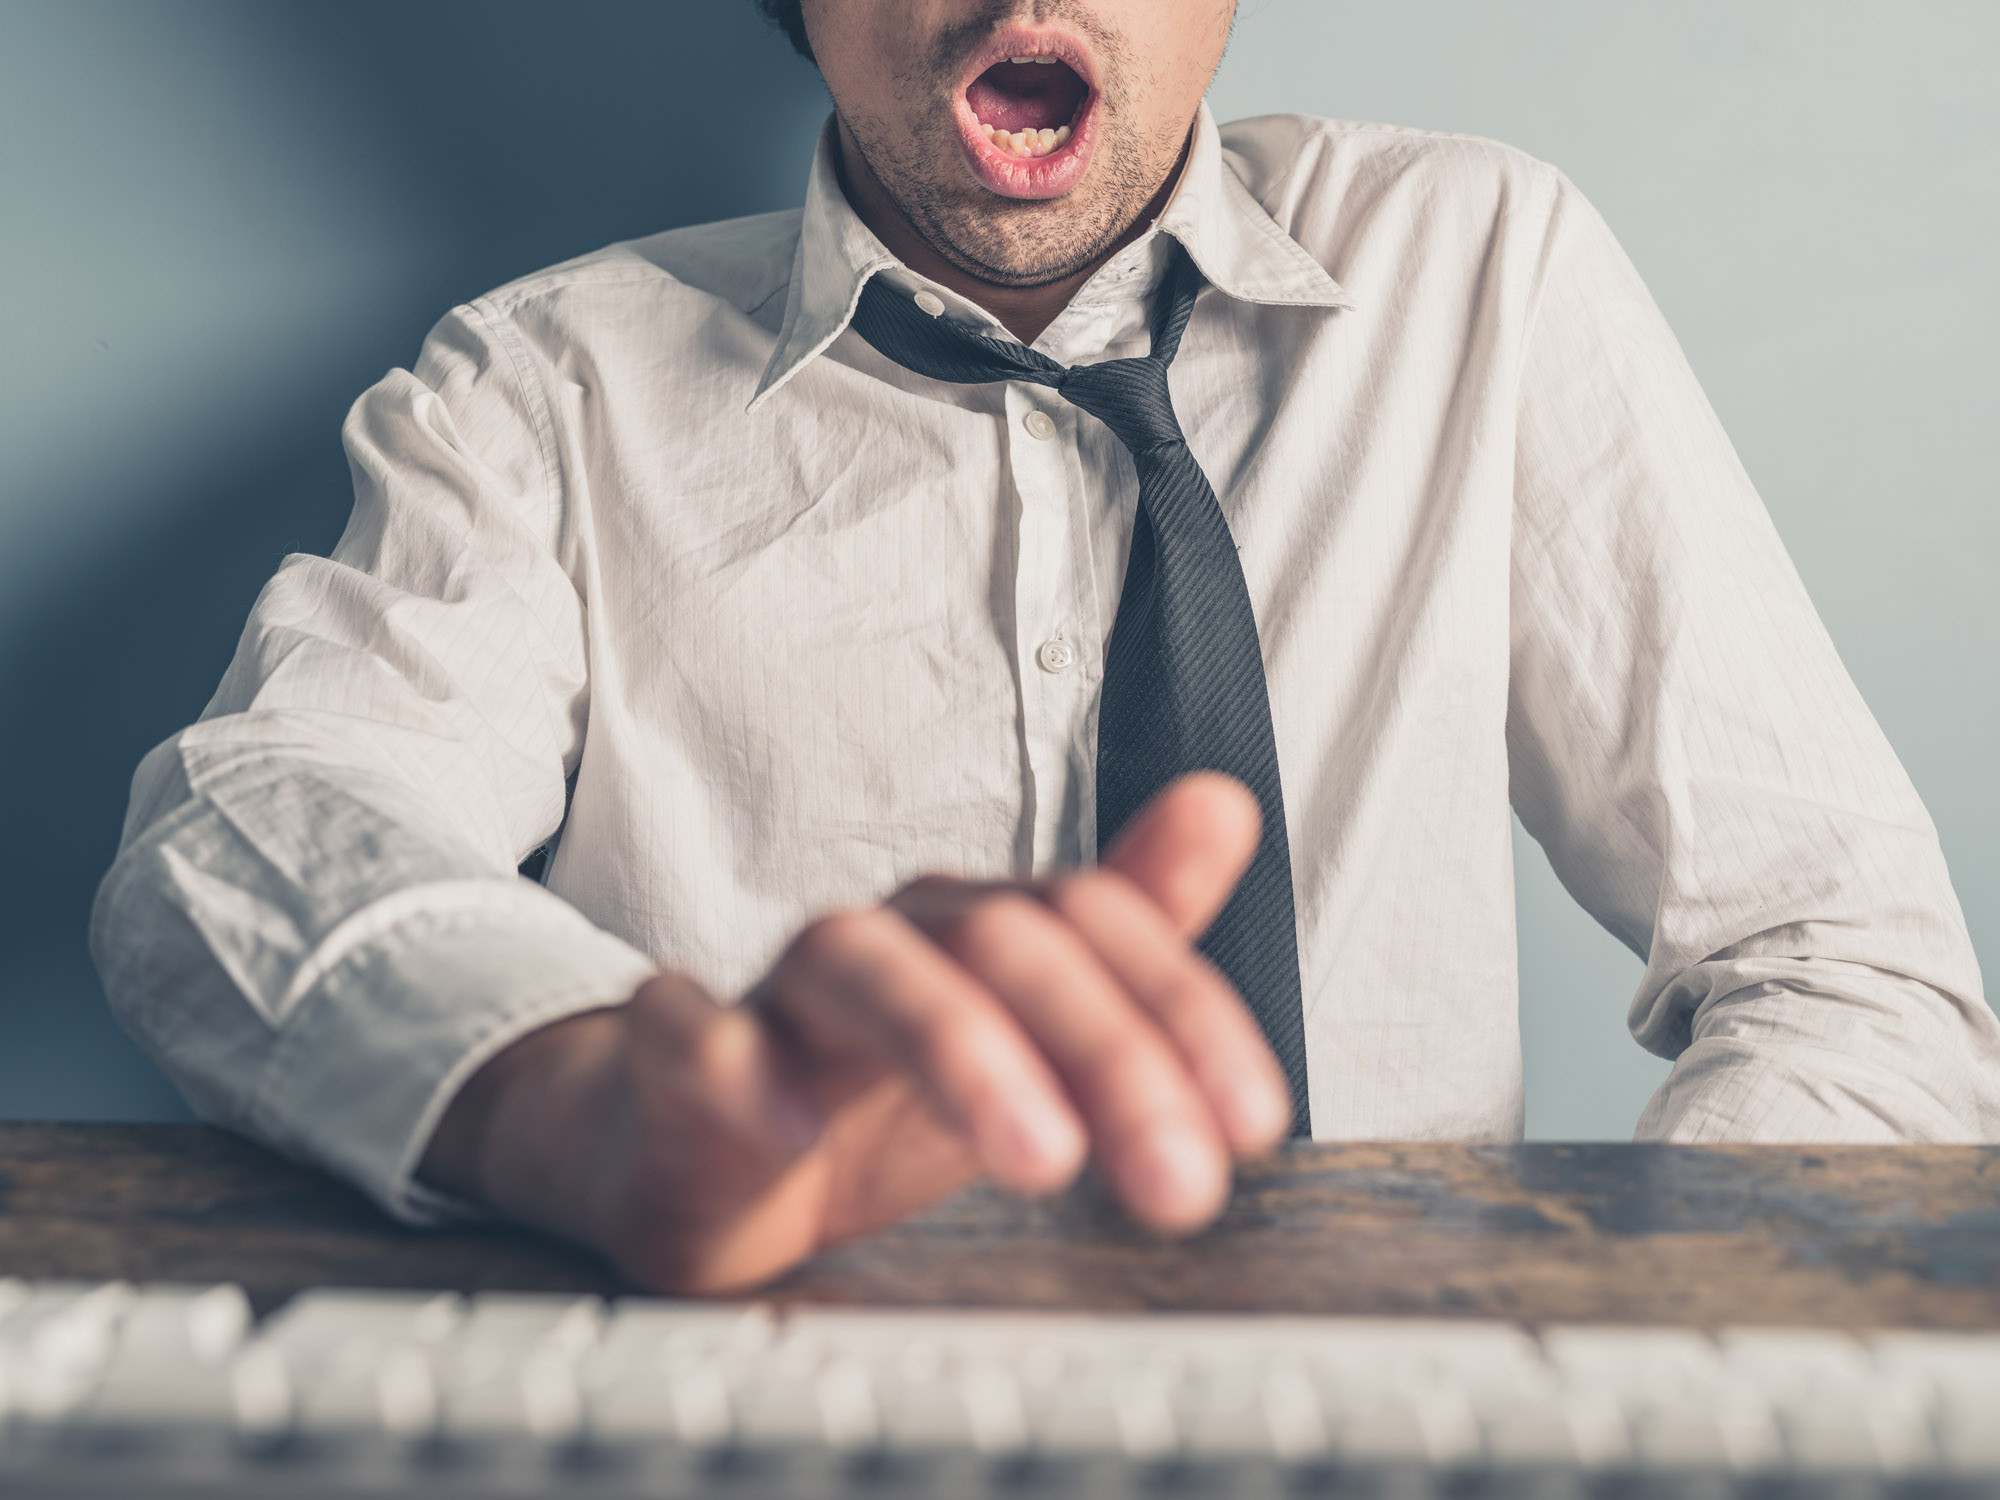 Pourquoi devrait-on se masturber sur son lieu de travail ?